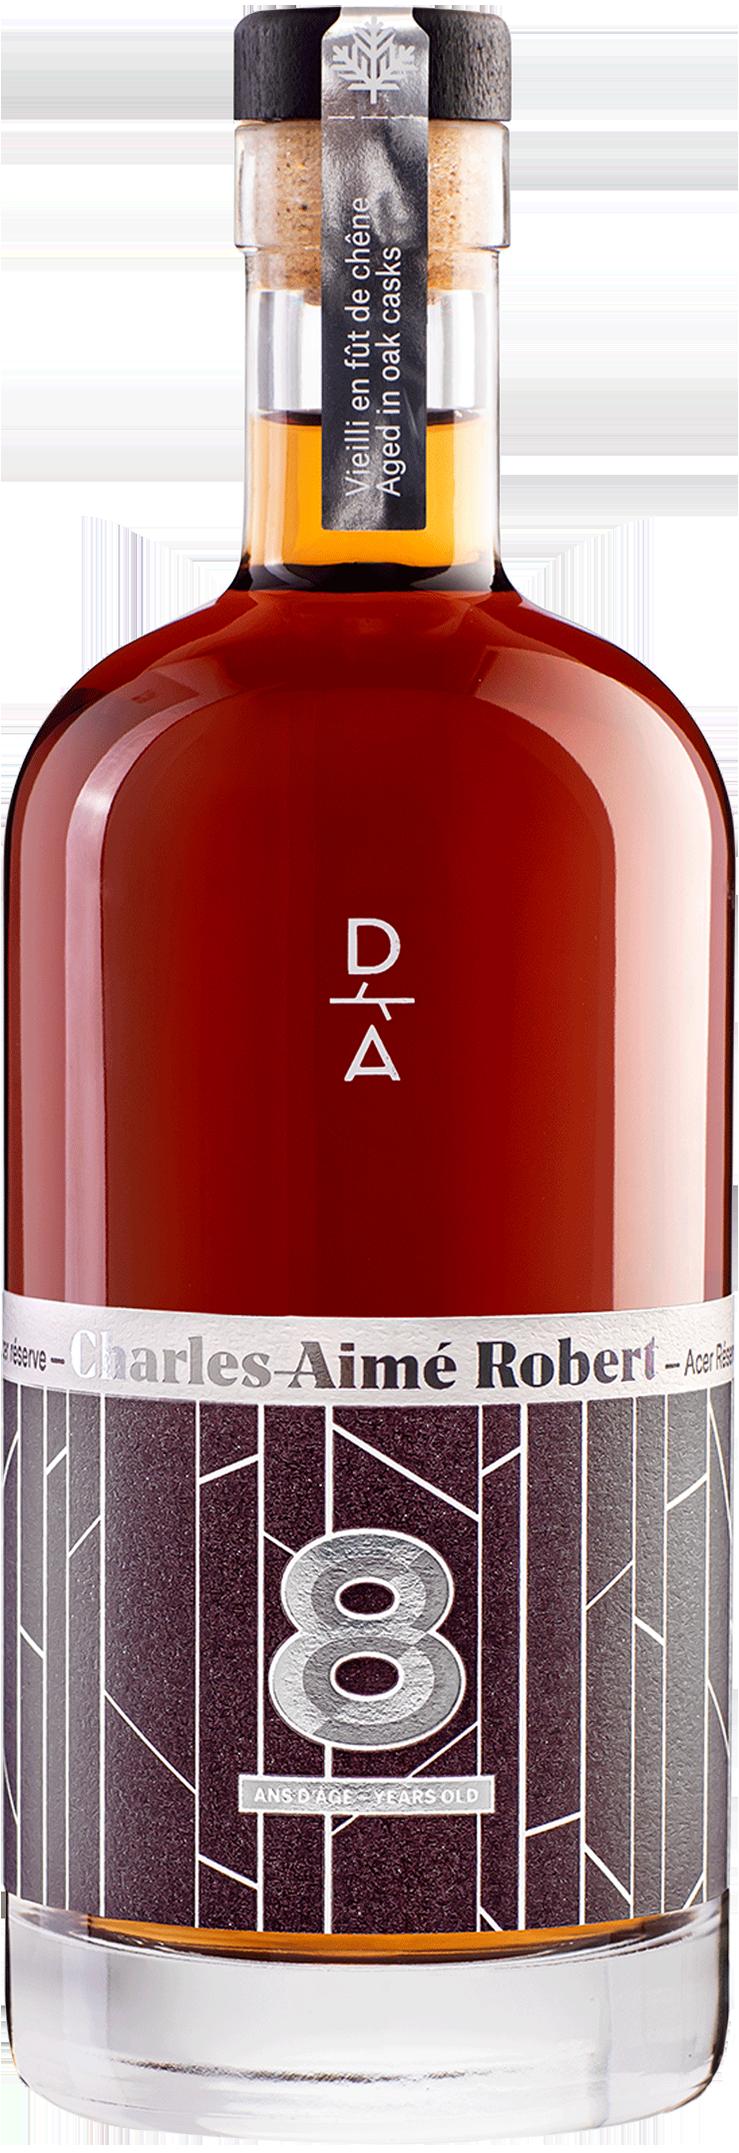 Charles-Aimé Robert Acer réserve du Quebec